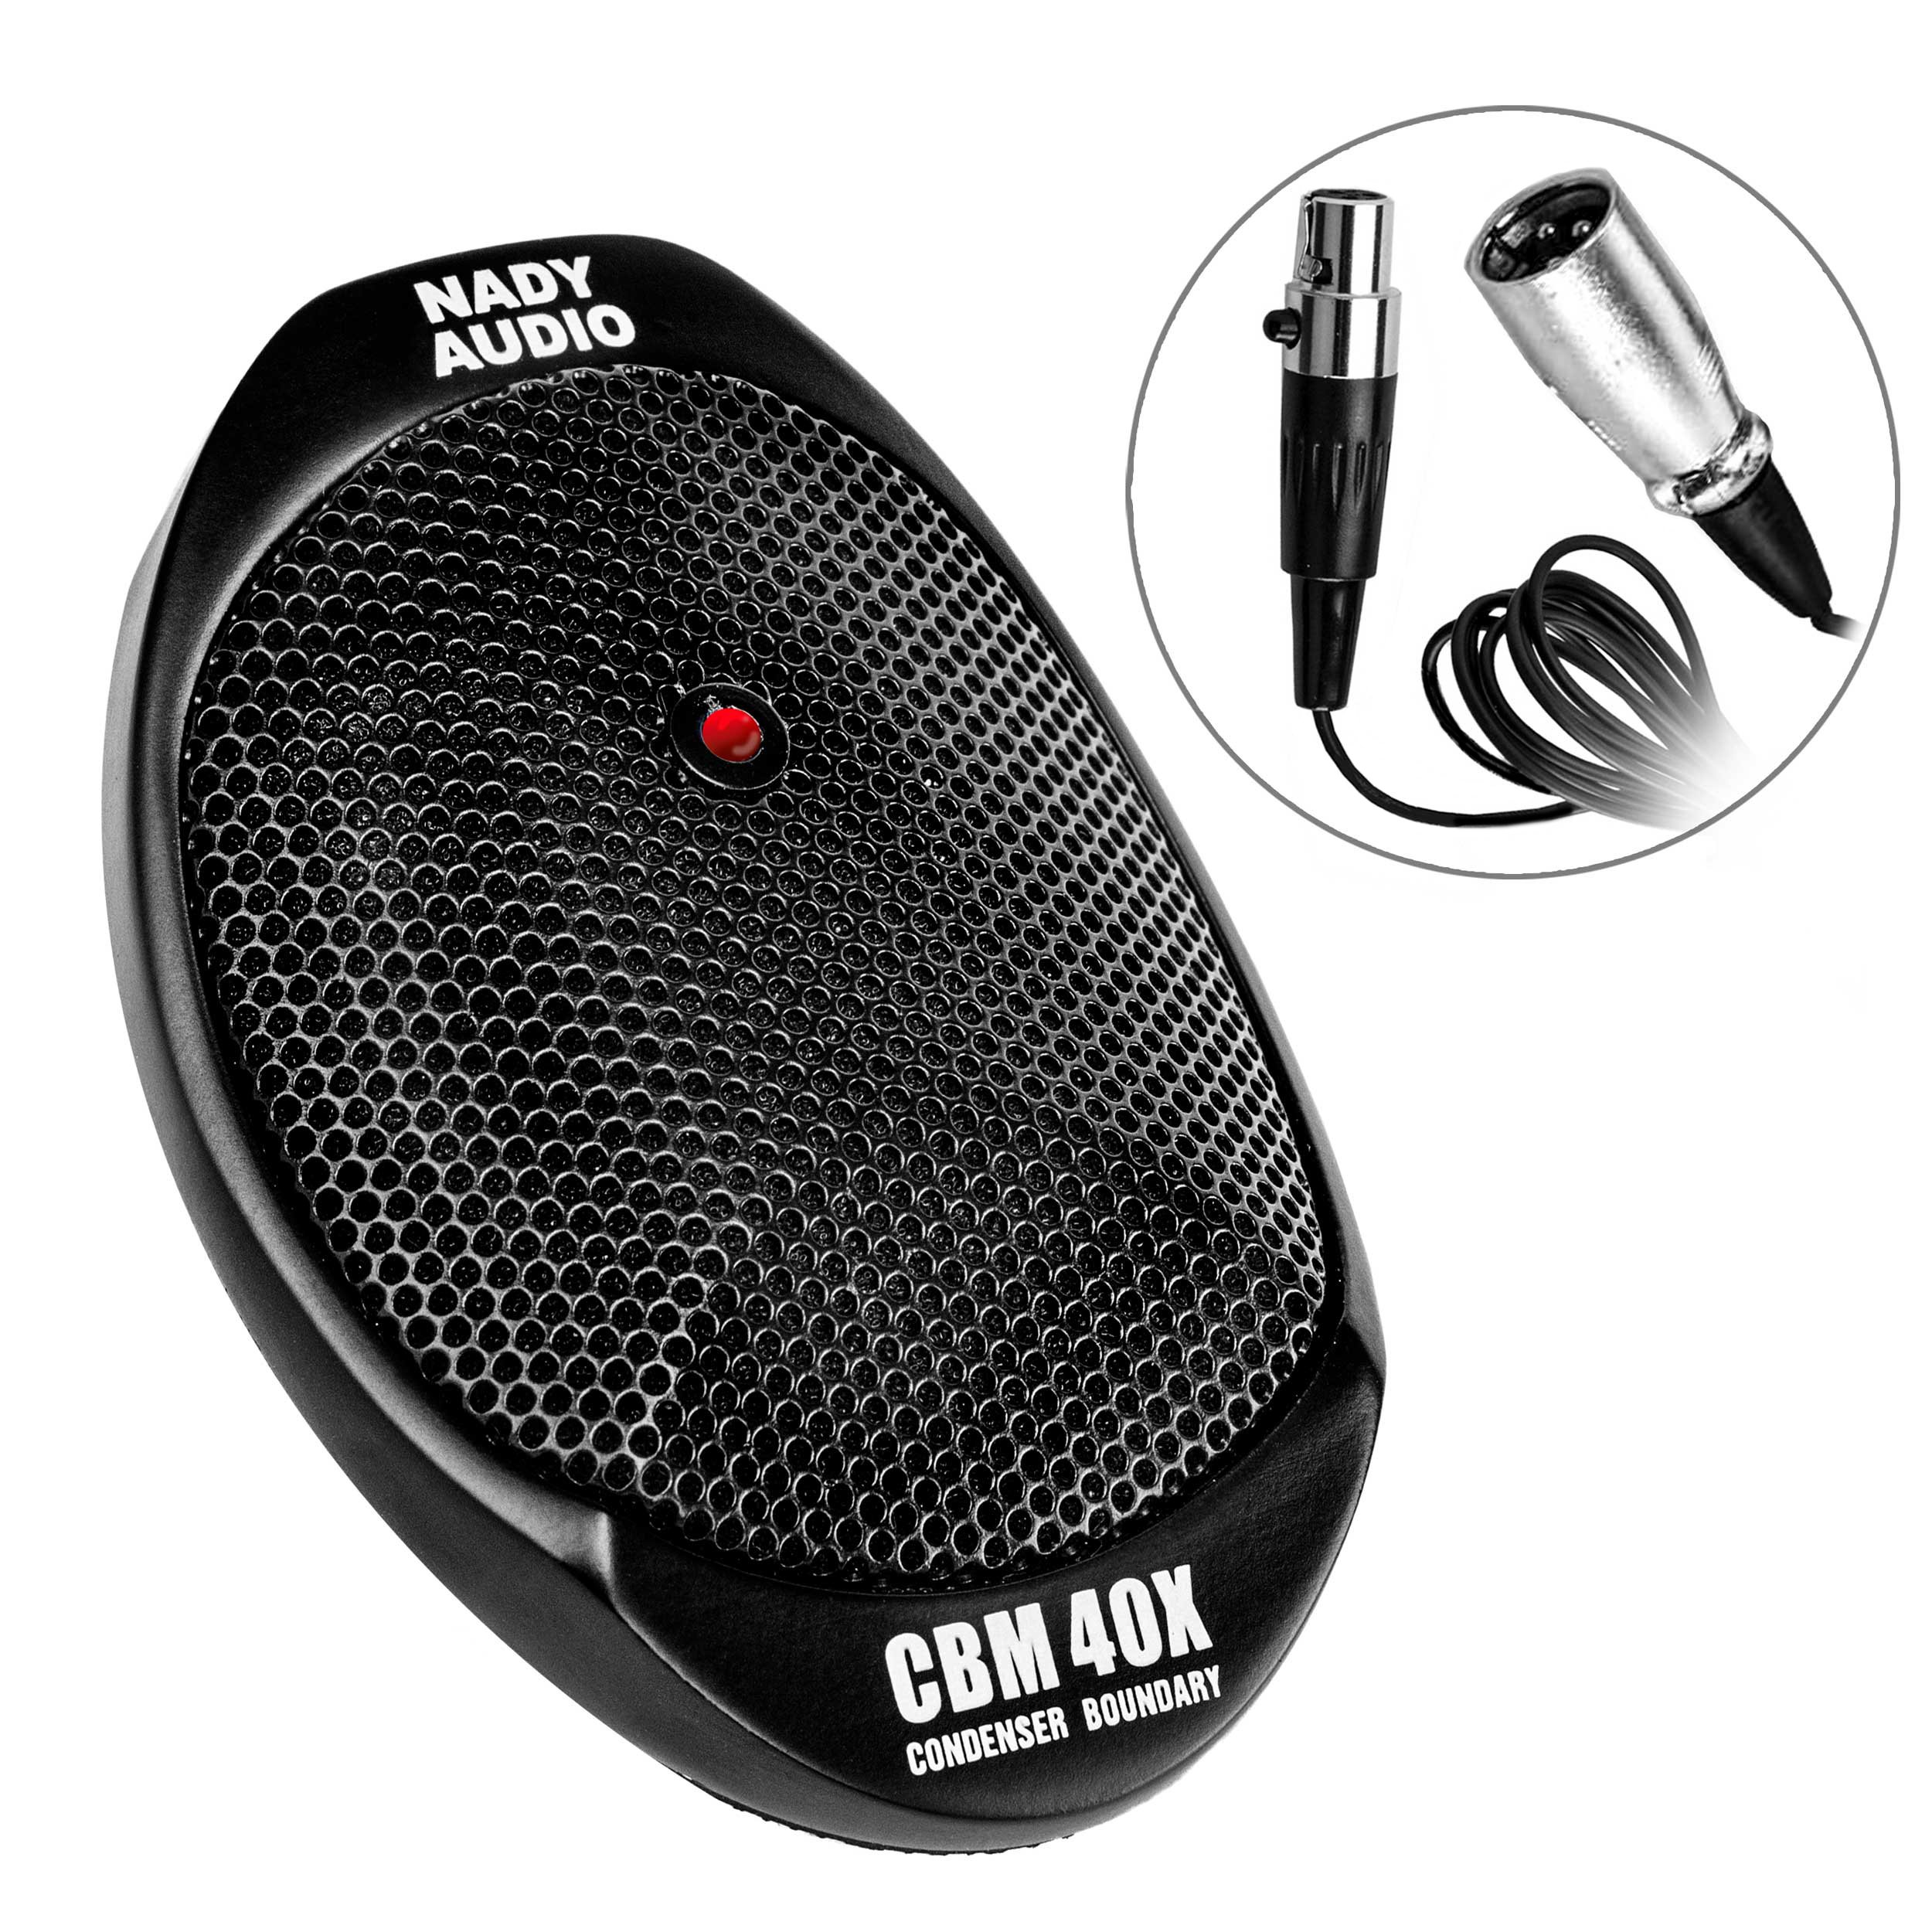 Microfono Nady CBM 40X Condenser Boundary ...